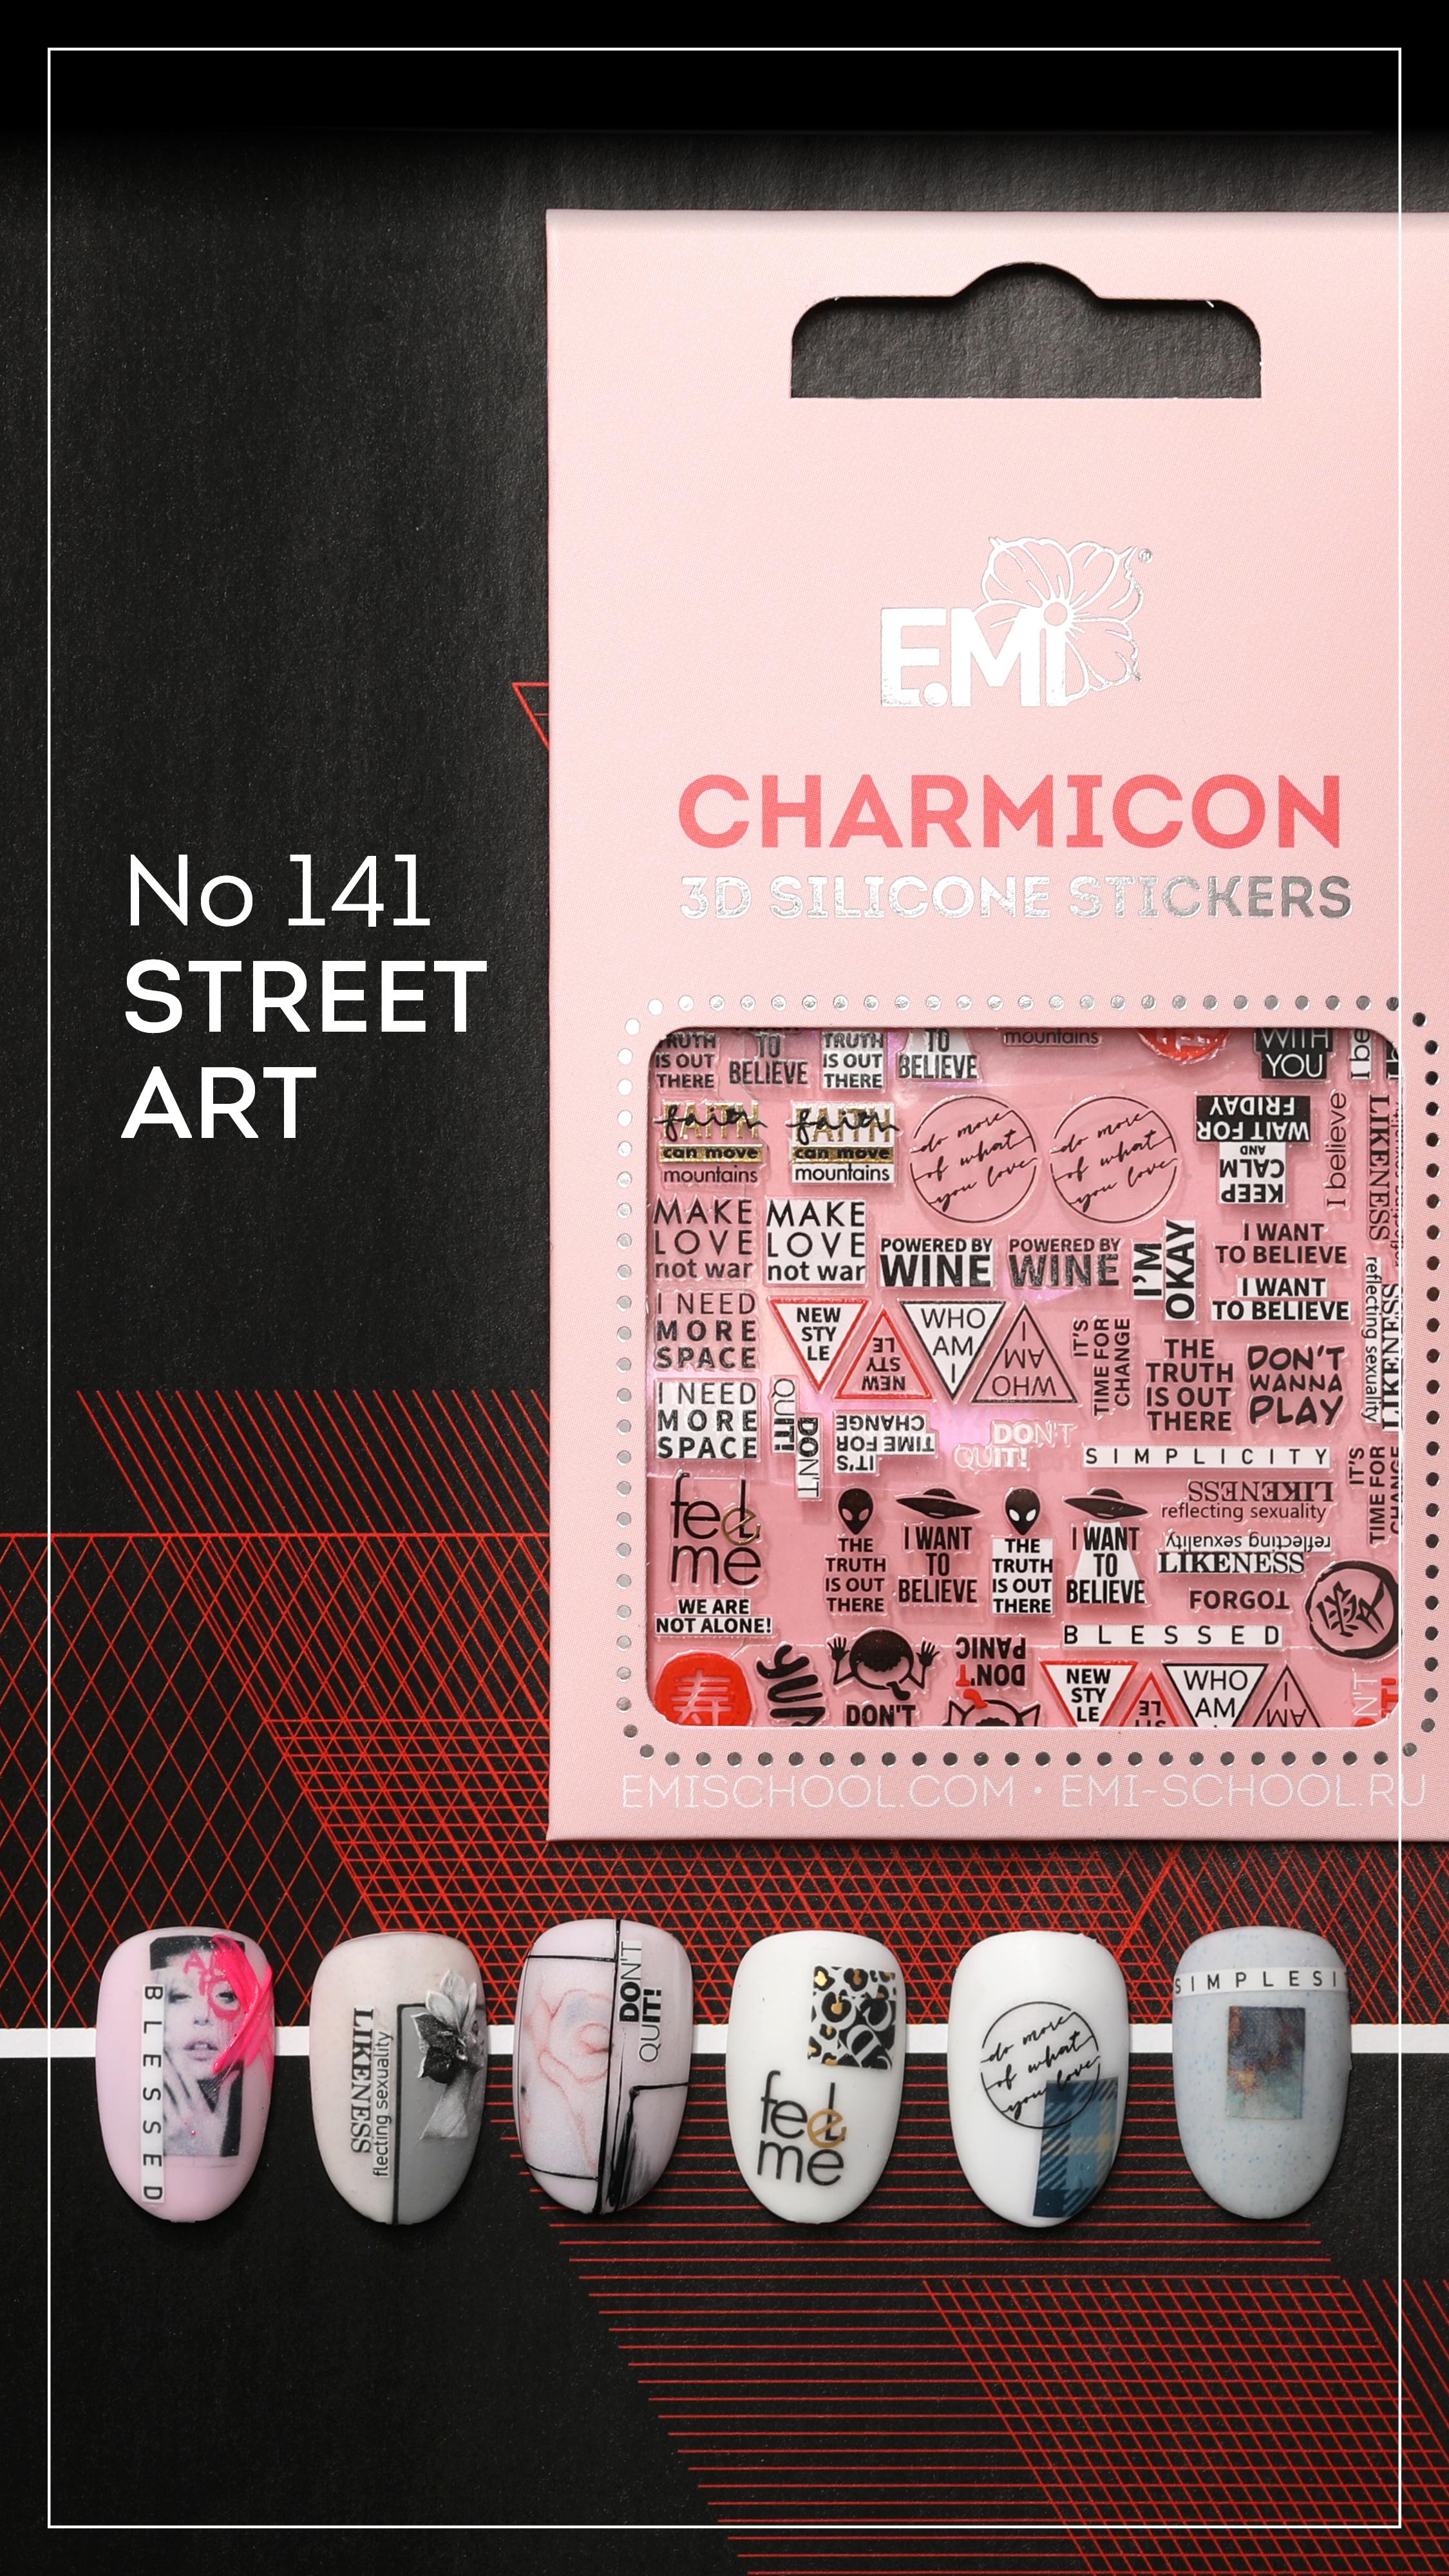 Podzim - Charmicon #138, 139, 141-143